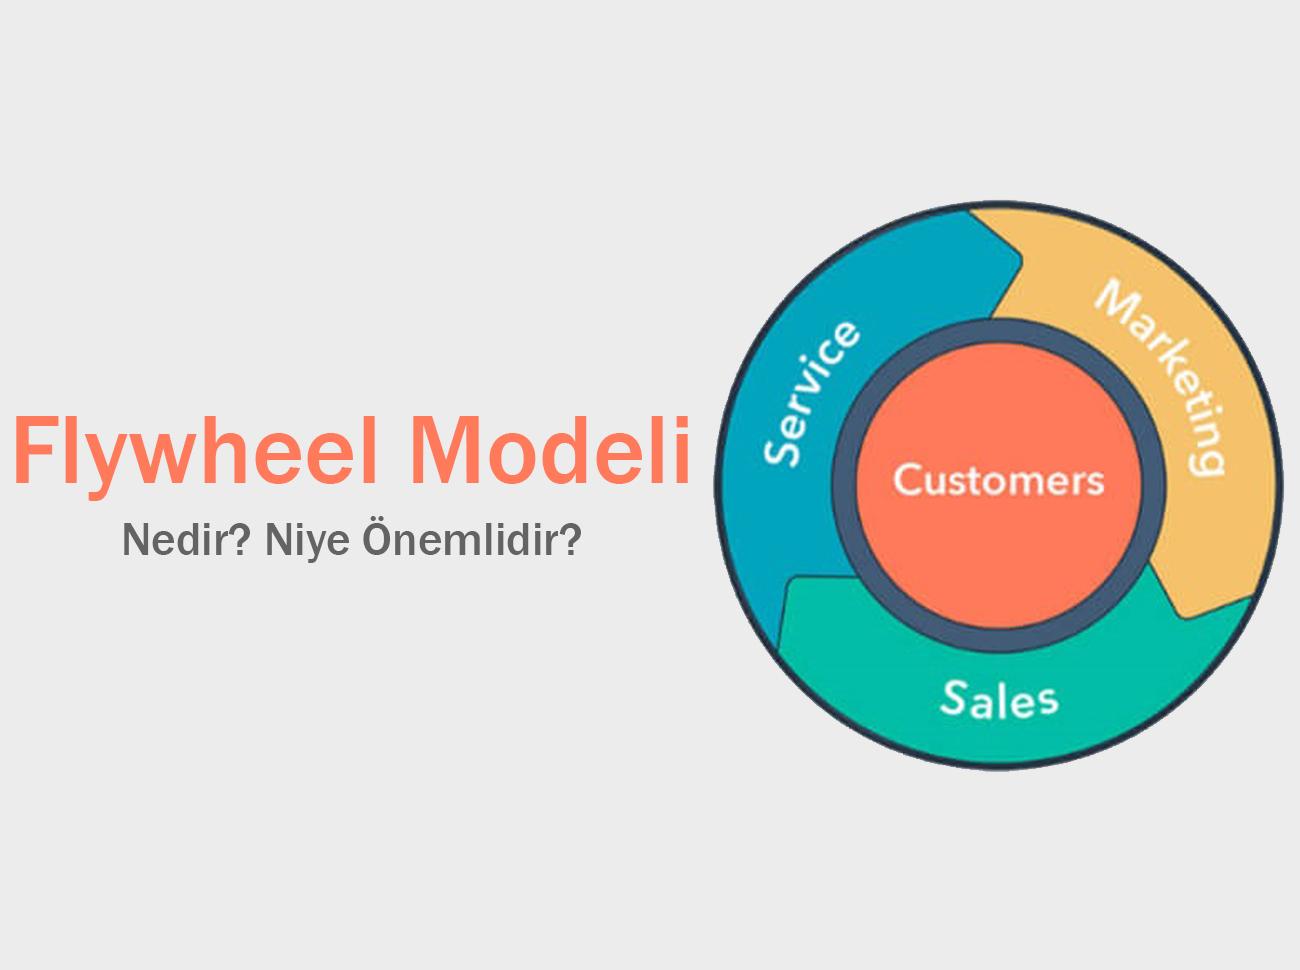 Flywheel Modeli İle Tanışın – Marketing Funnel (Pazarlama Hunisi) İle Vedalaşma Zamanı